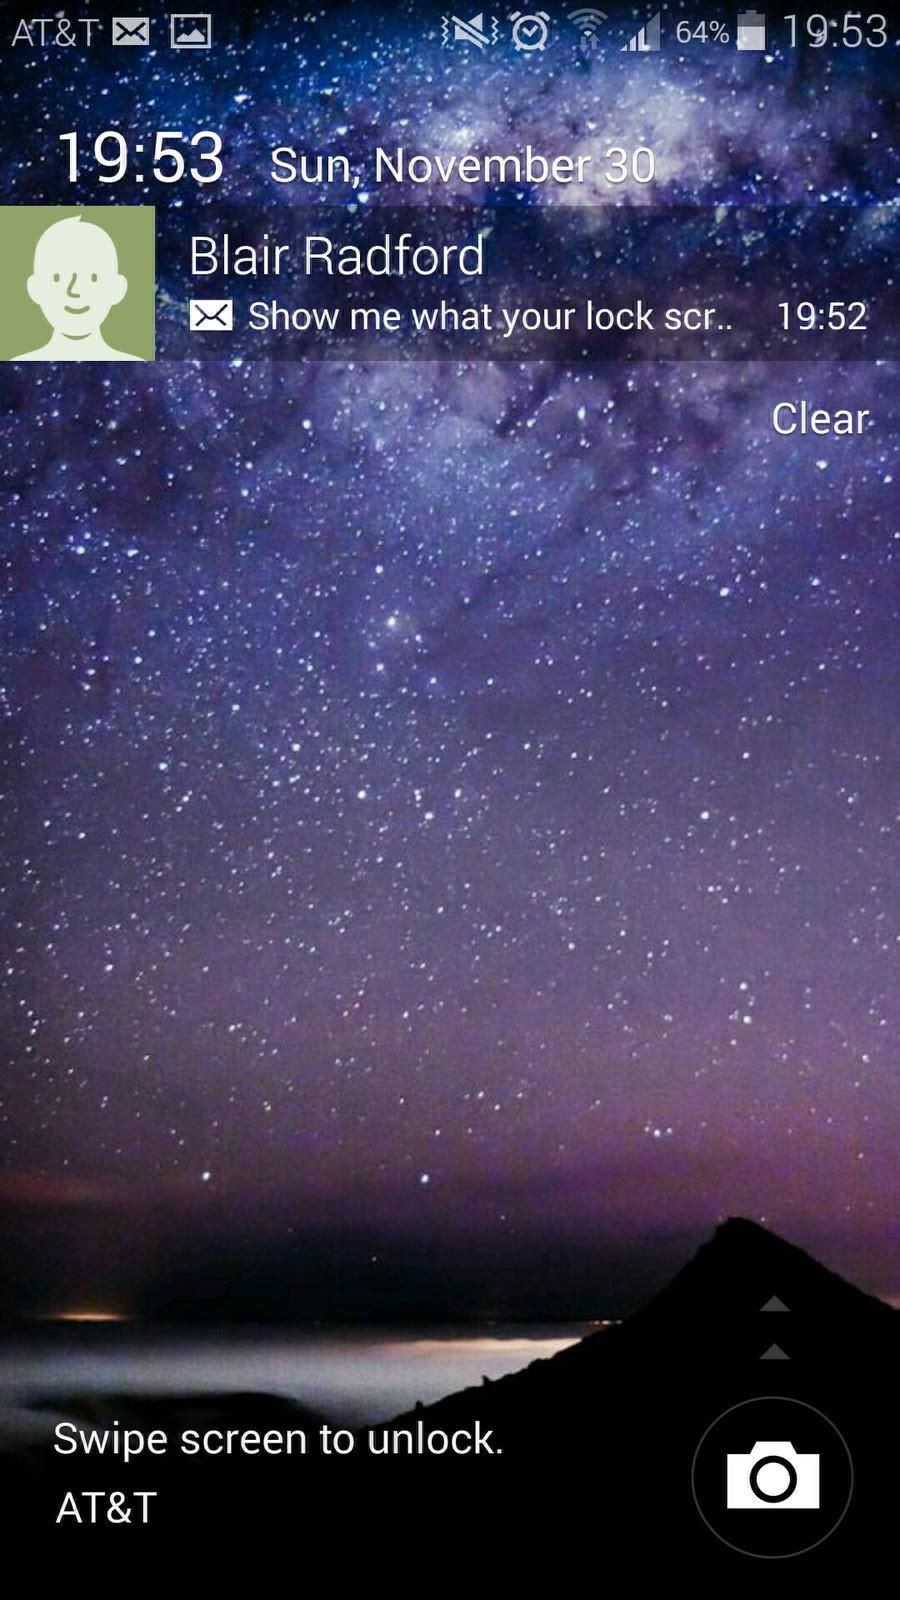 Screenshot_2014-11-30-19-53-08.jpg